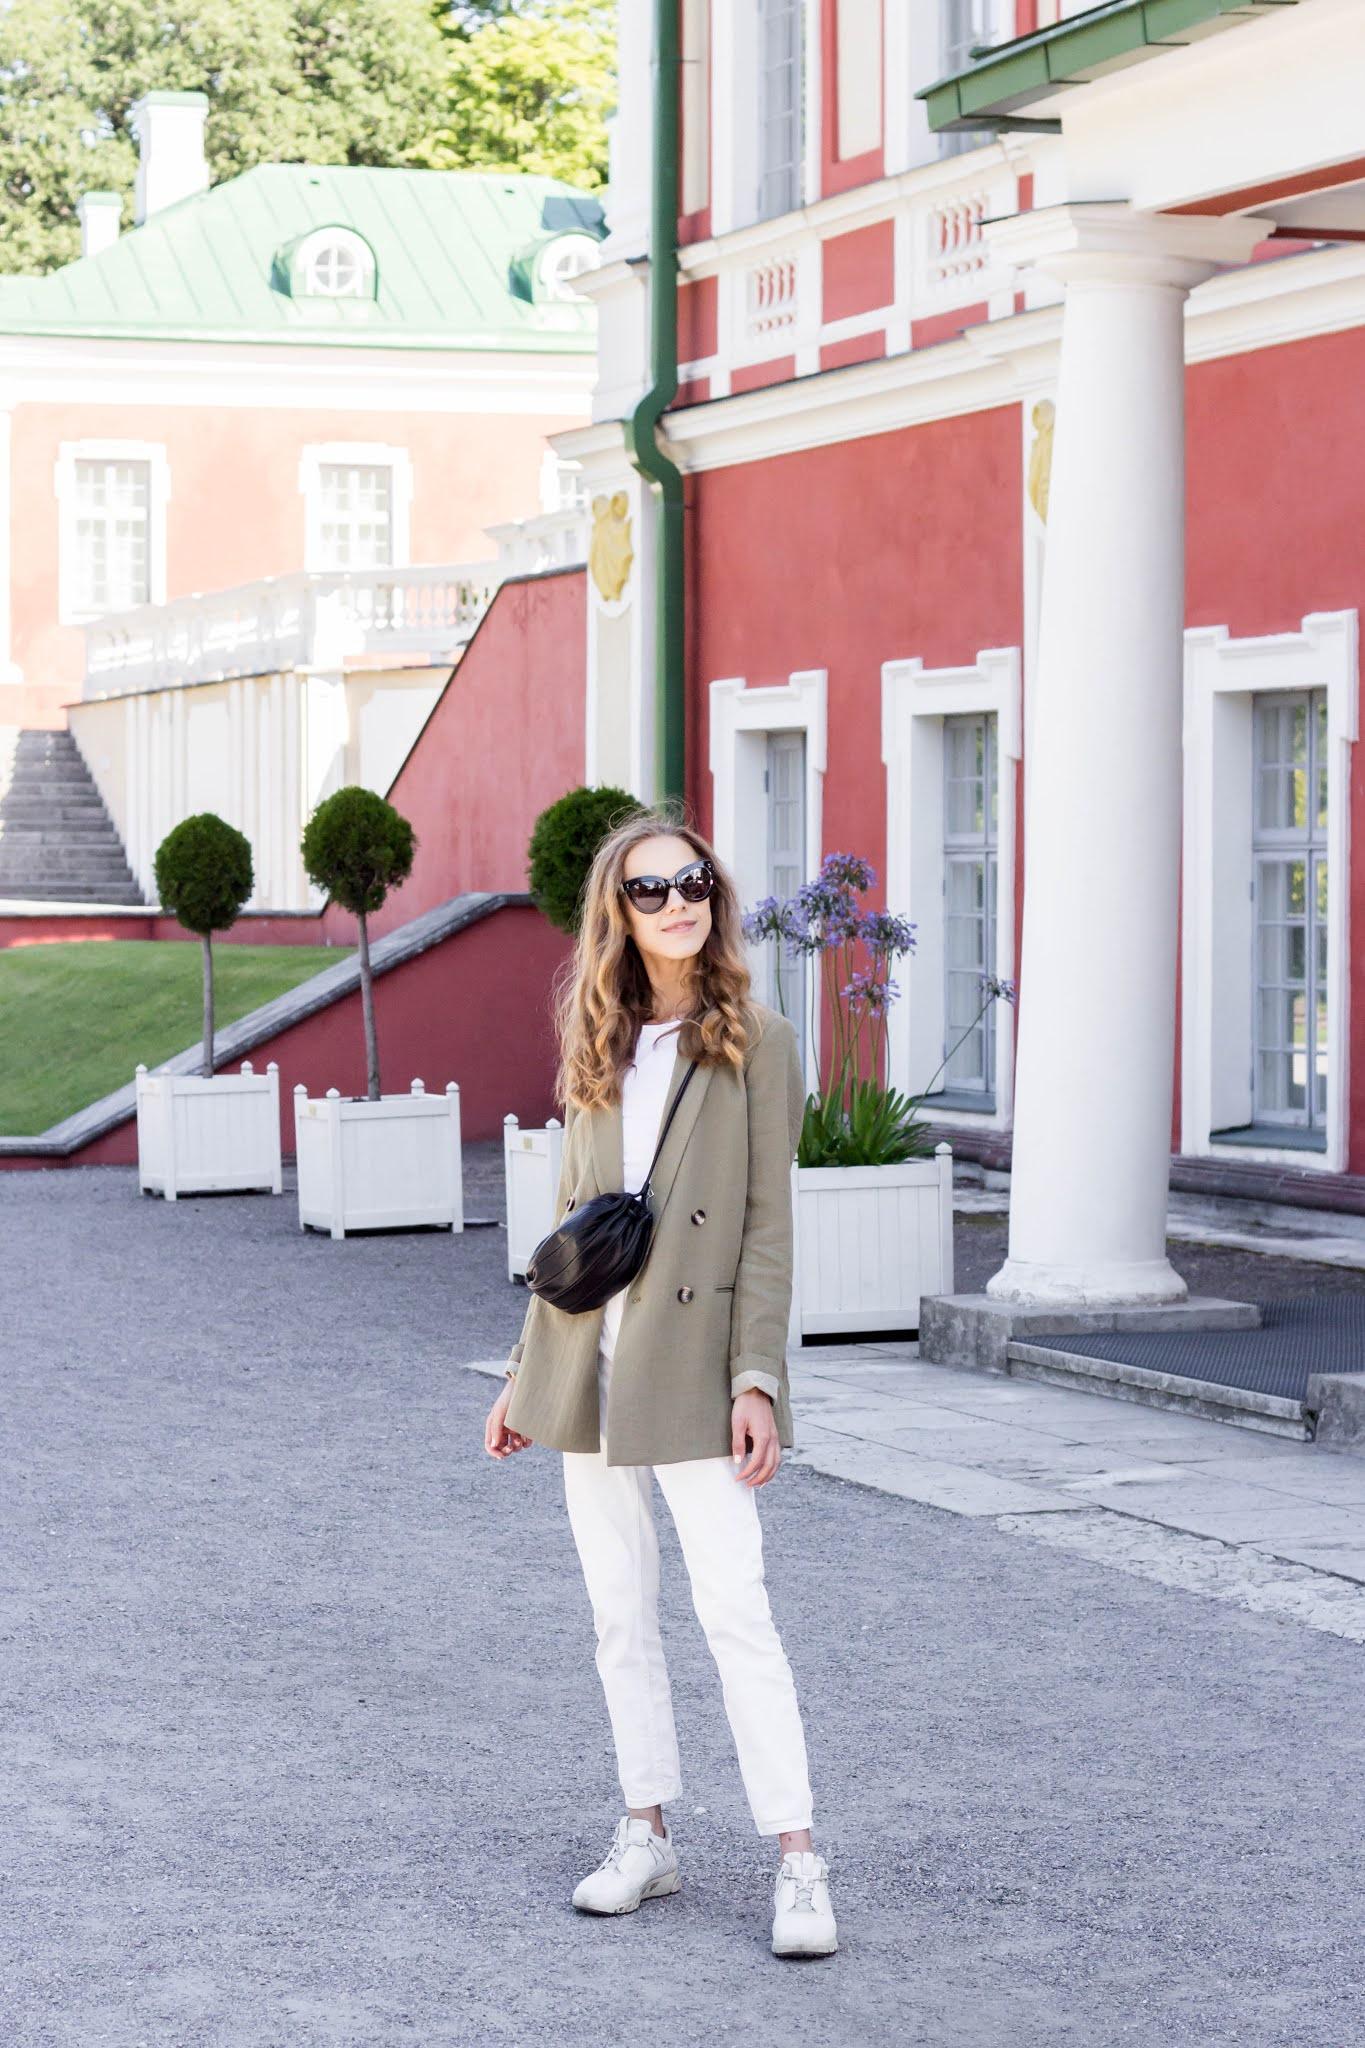 Neutral style, autumn outfit inspiration - Neutraali tyyli, syysmuoti, asuinspiraatio